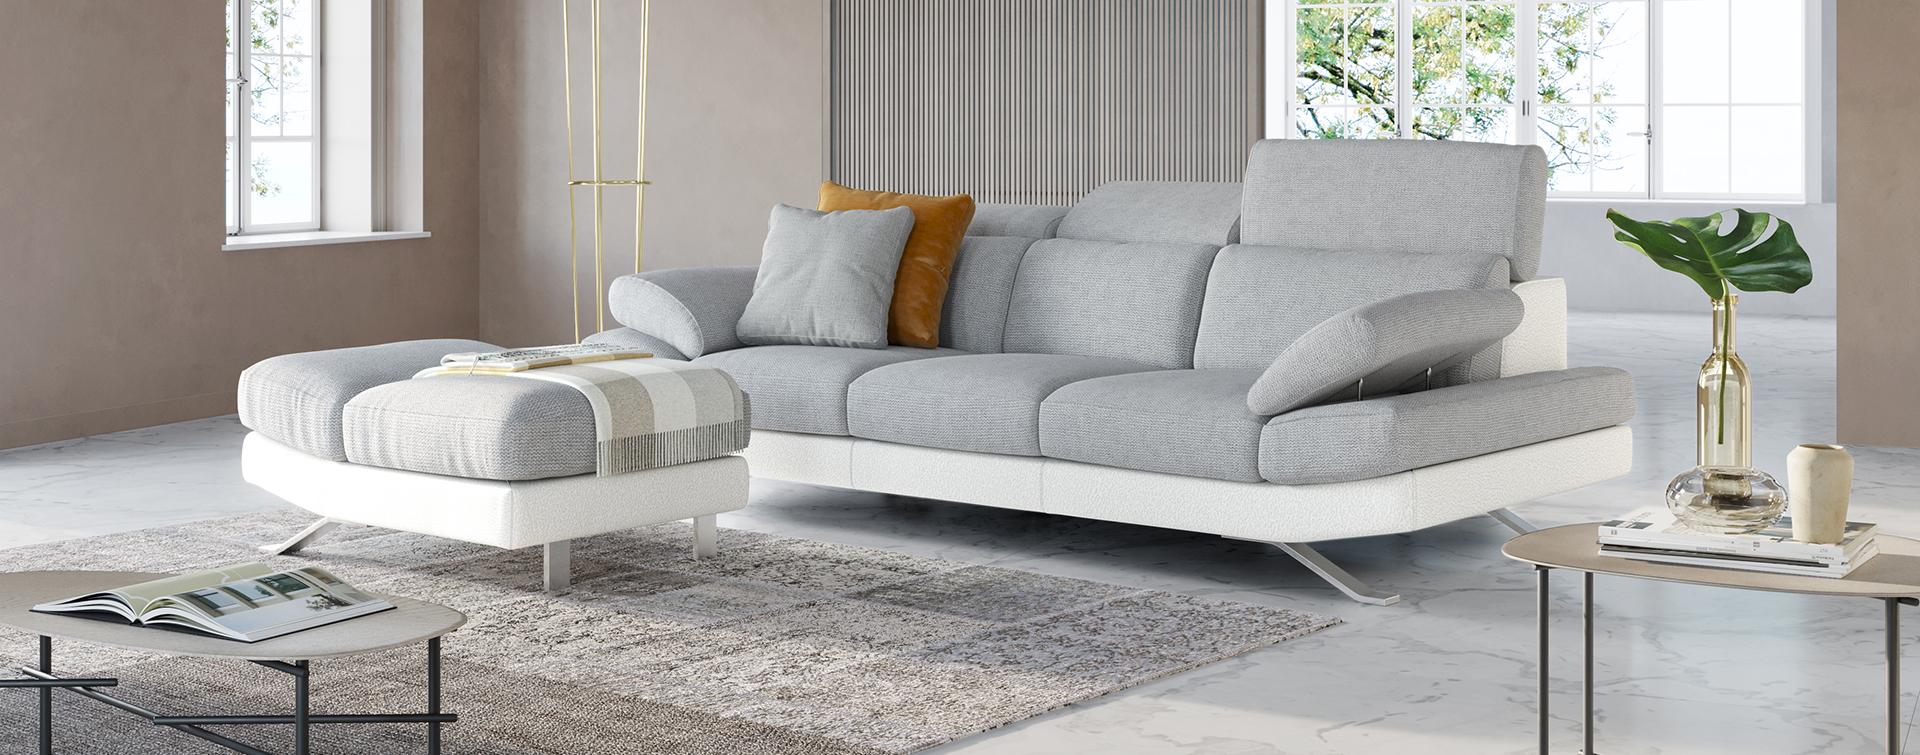 divano campelli poltrone sofa prezzo